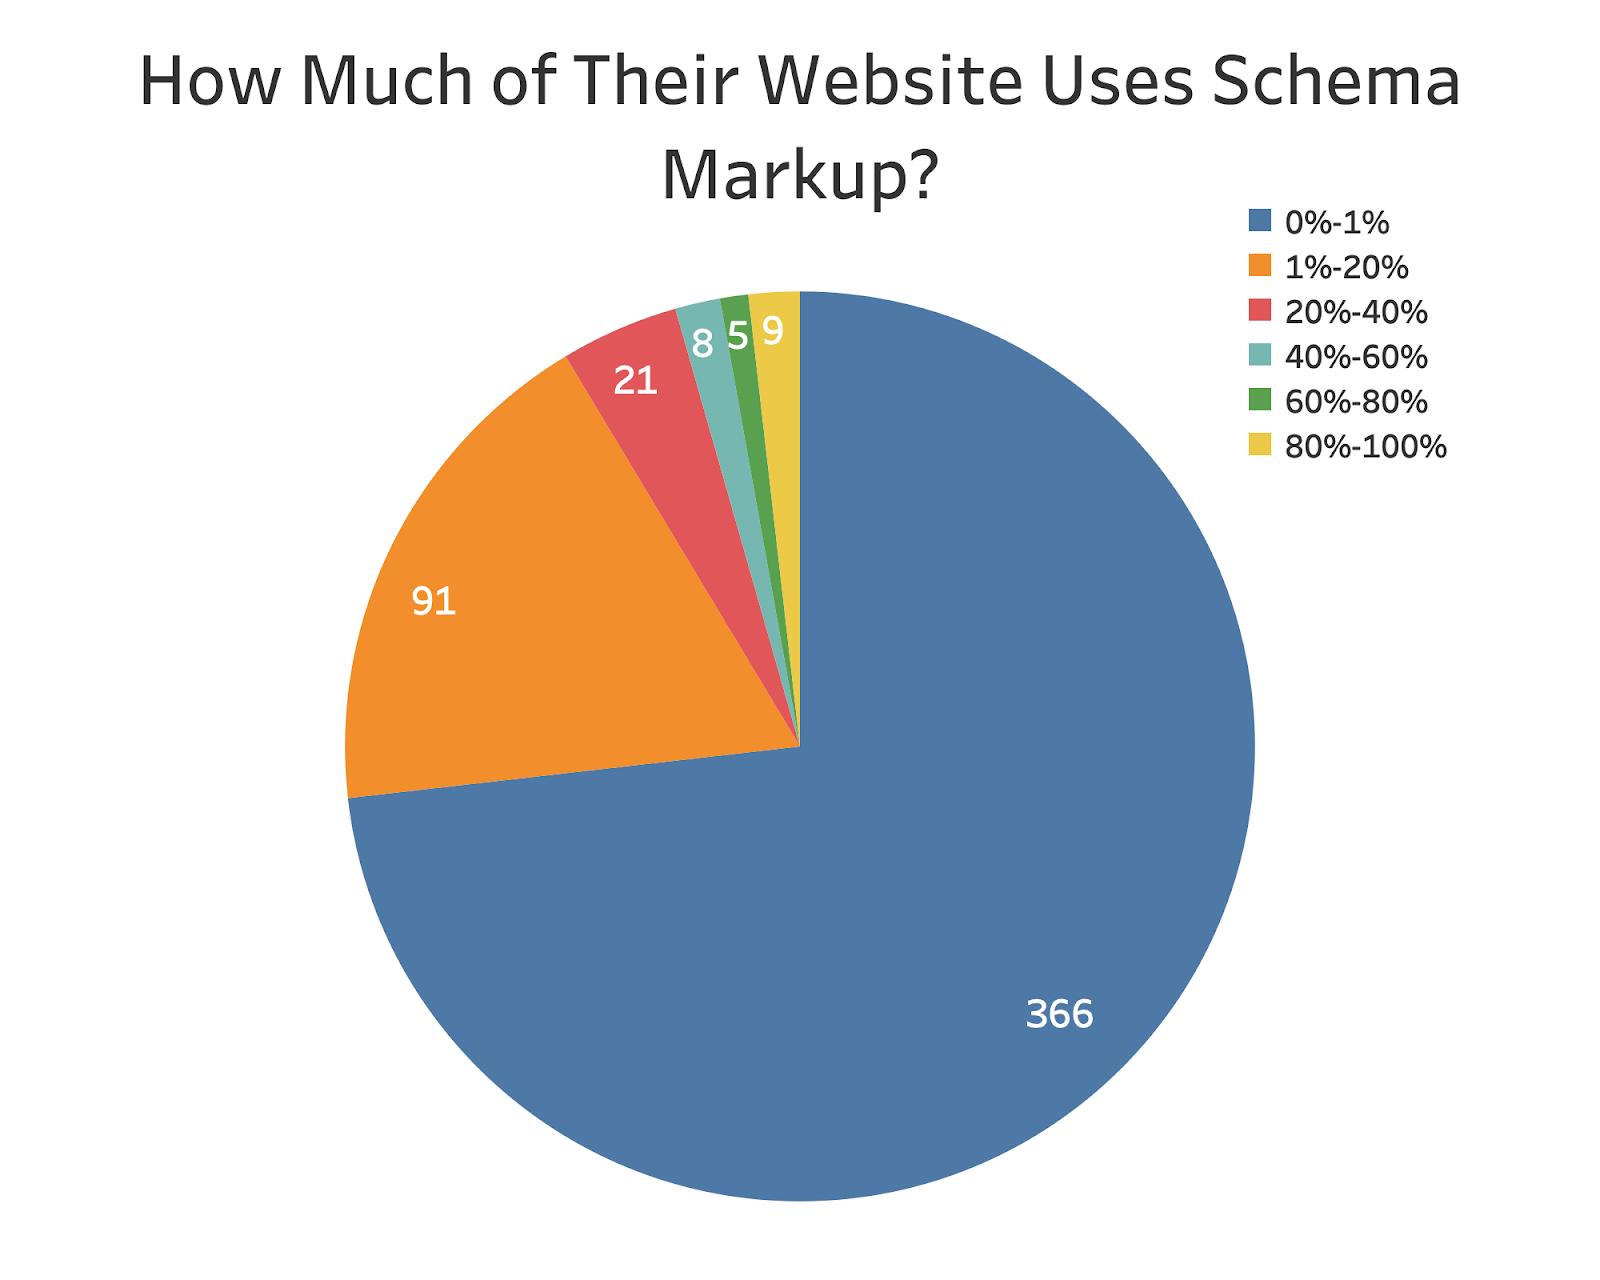 Schema usage on different websites